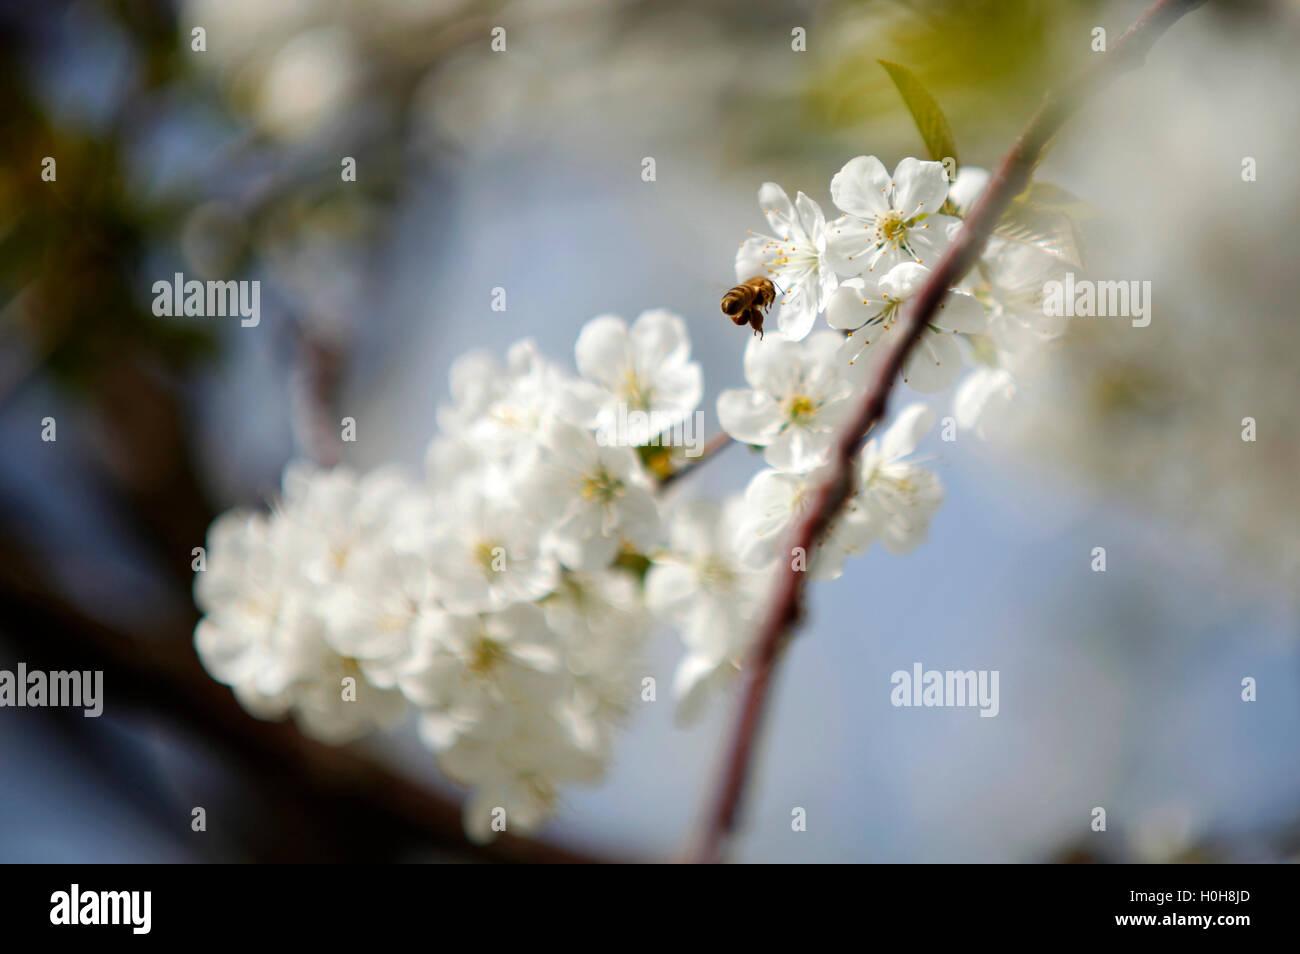 Las abejas de miel en una flor de cerezo recolectando miel Imagen De Stock